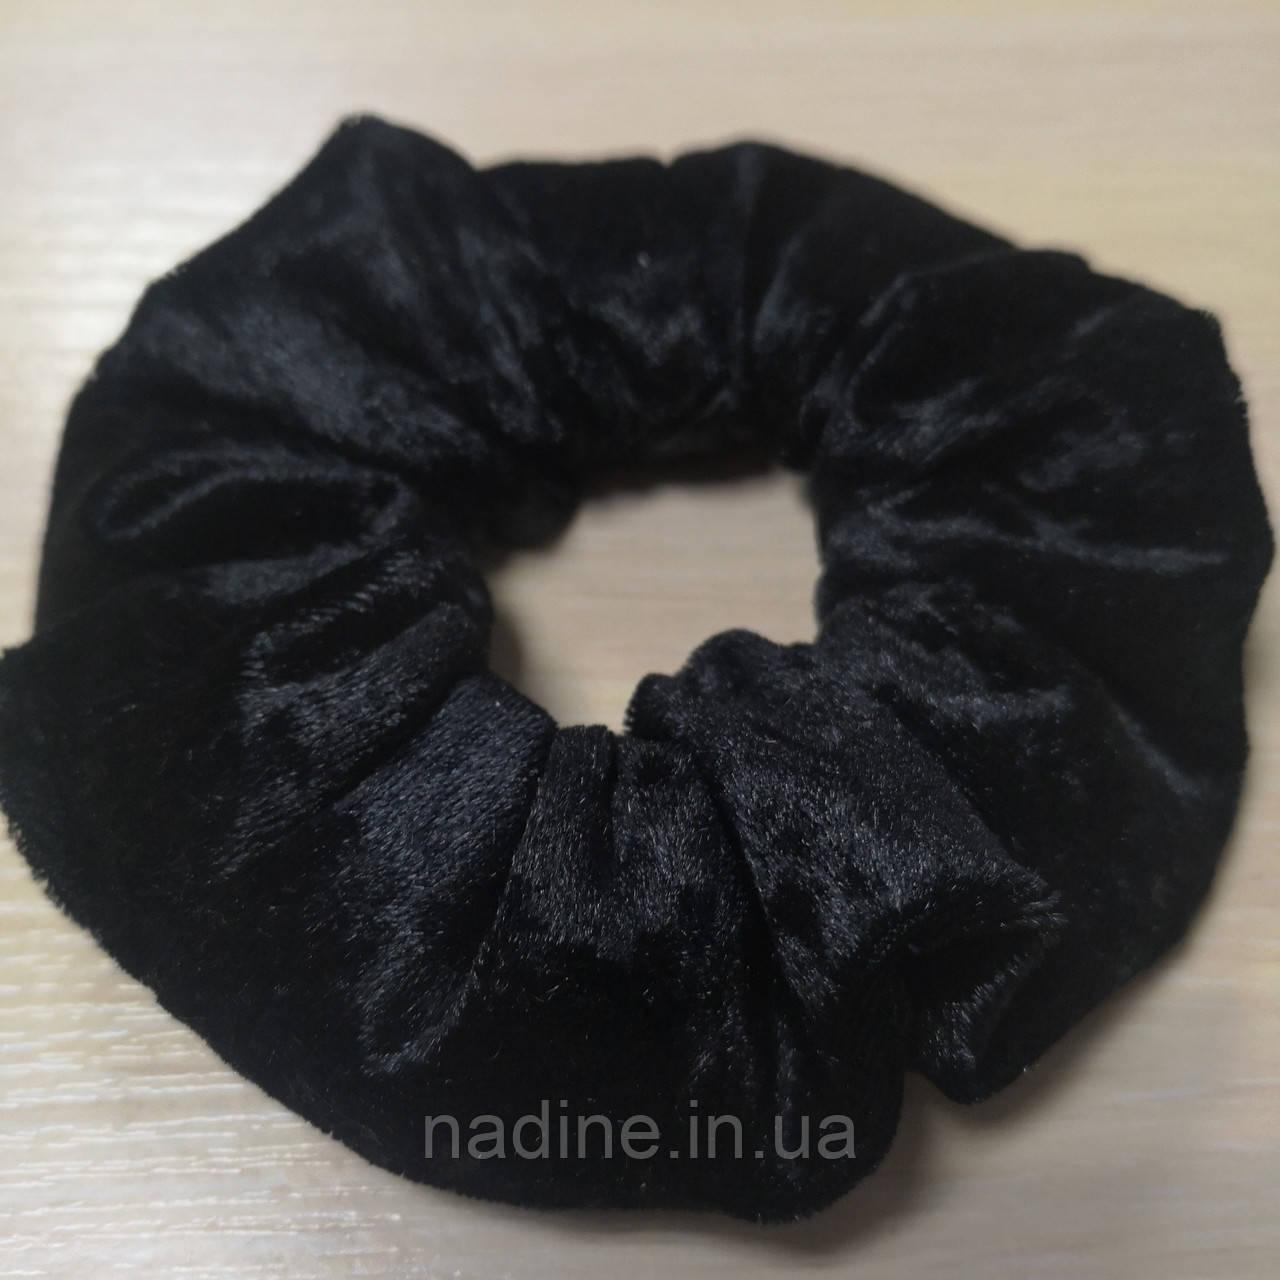 Черная велюровая резинка для волос Eirena Nadine (205-R)